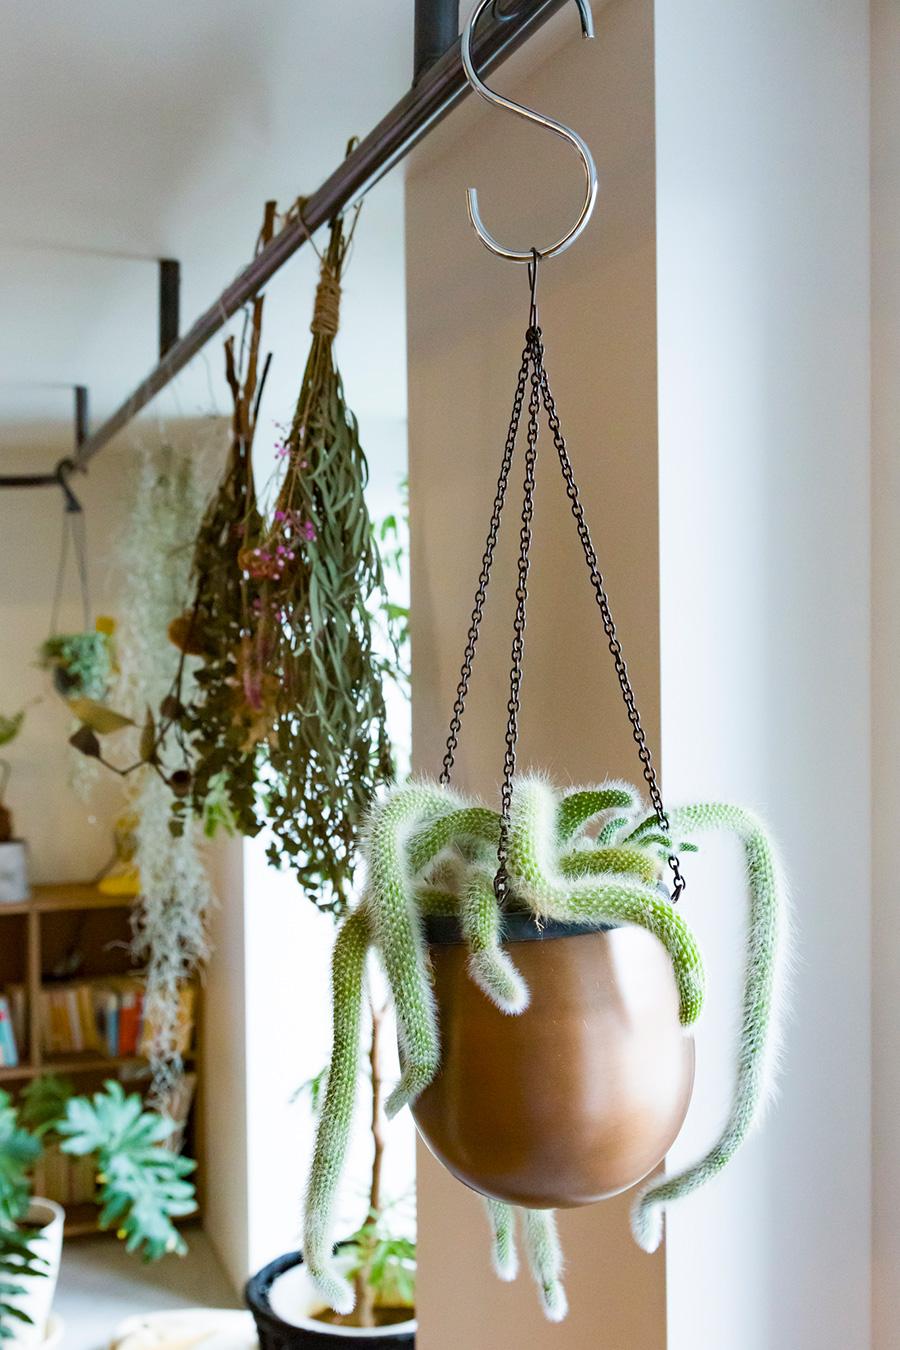 スチールのハンガーパイプは、植物をハンギングしたり、洋服を掛けたりと使い途もさまざま。